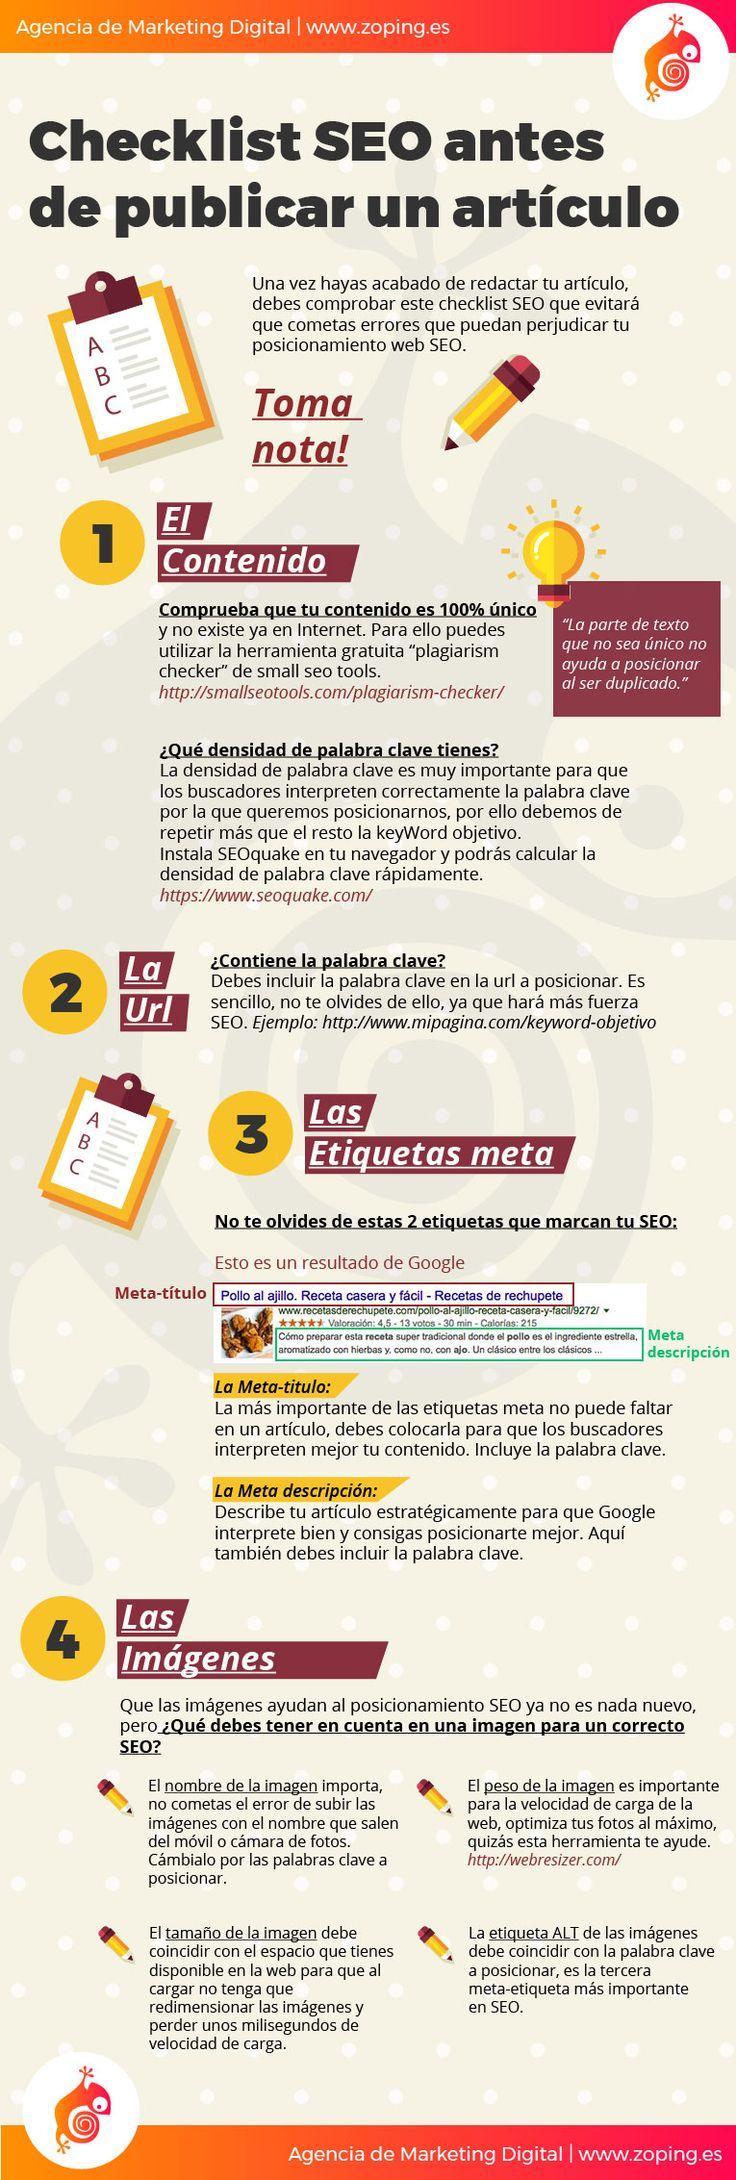 Checklist SEO antes de publicar un artículo #SocialMedia #SEO